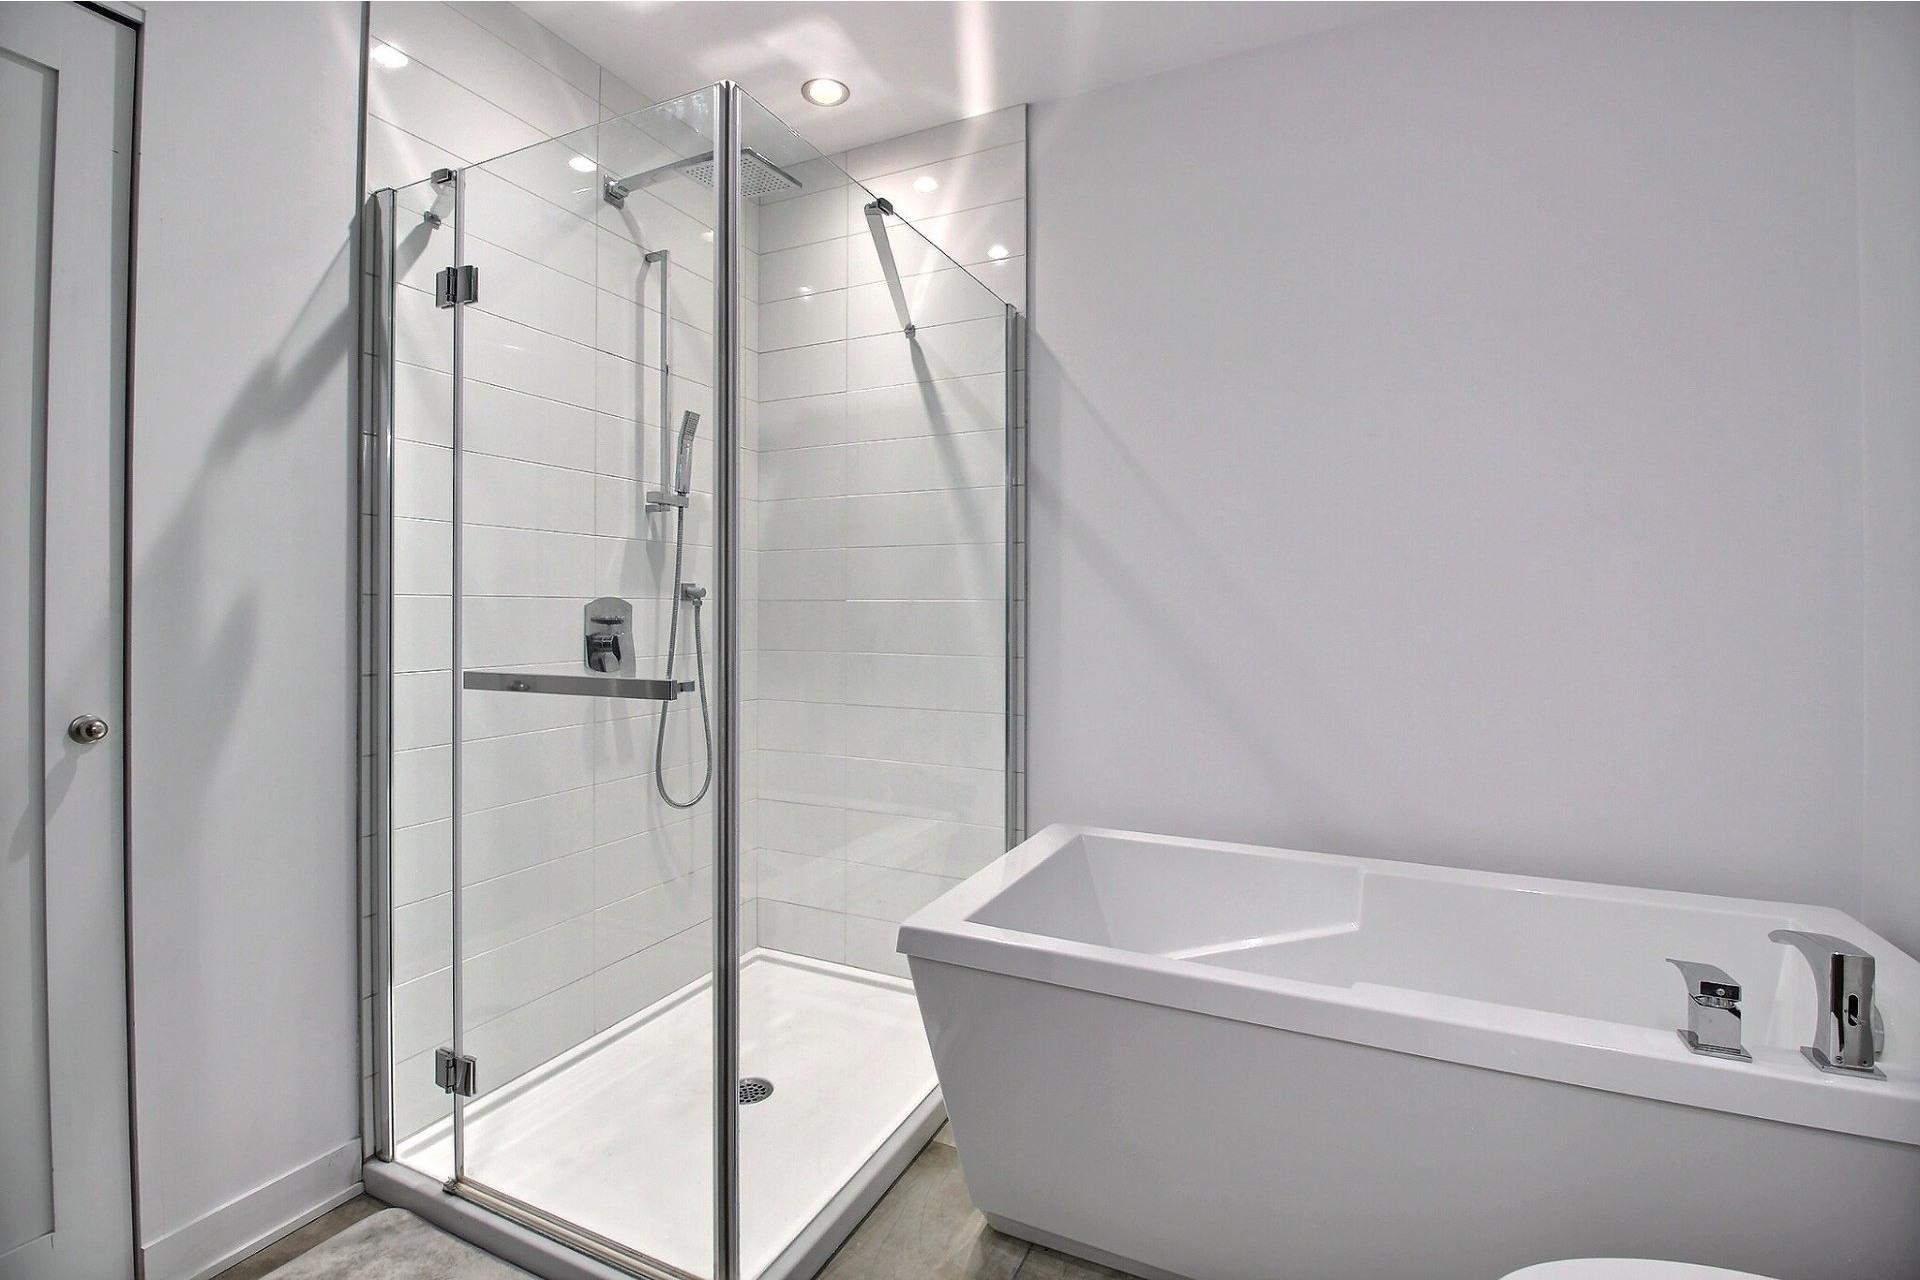 image 15 - Apartment For sale Ville-Marie Montréal  - 3 rooms